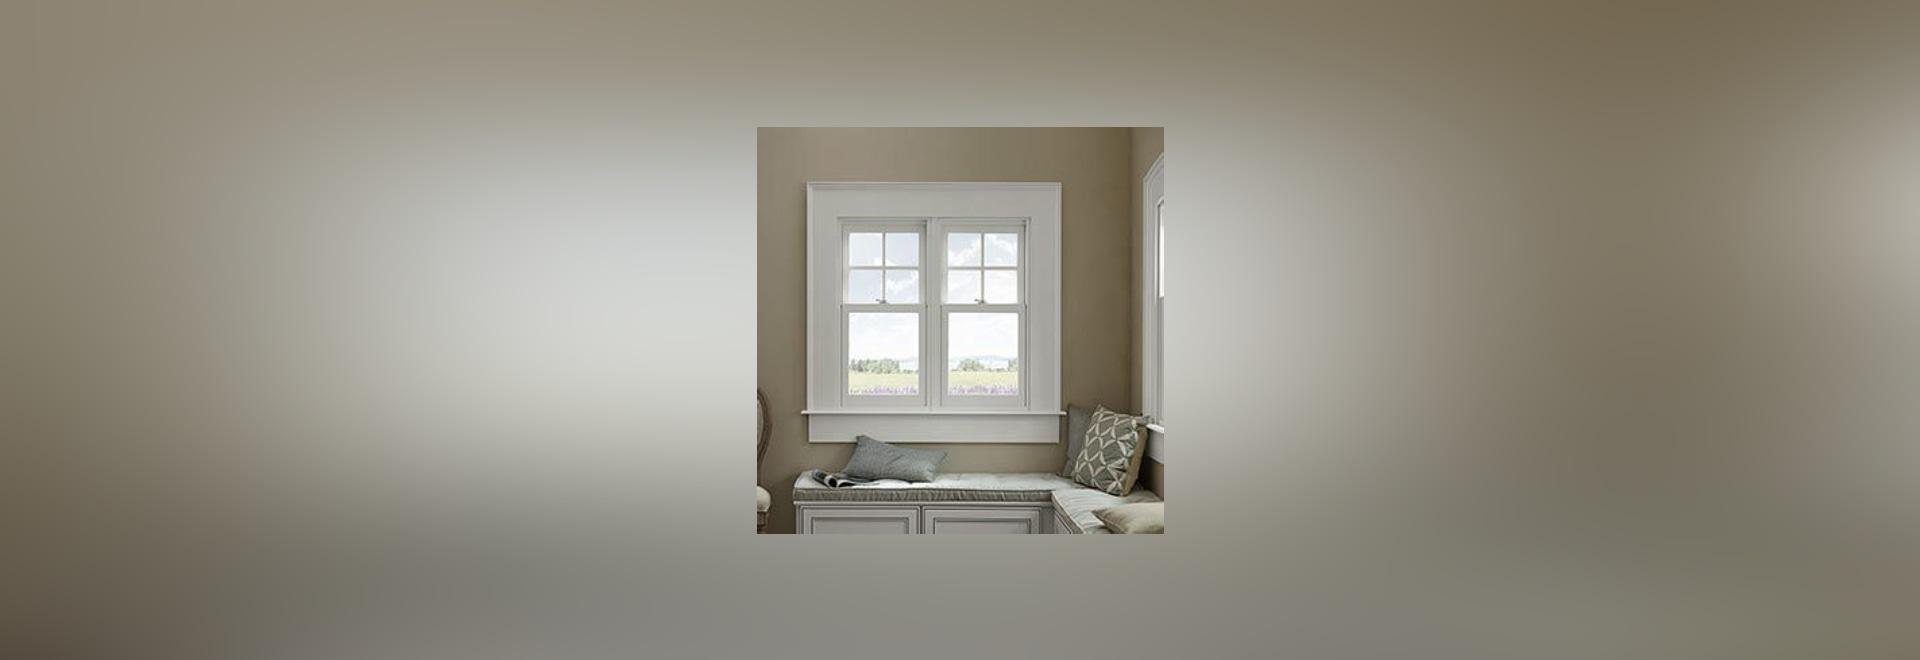 NUEVO: ventana de marco de MARVIN - MARVIN